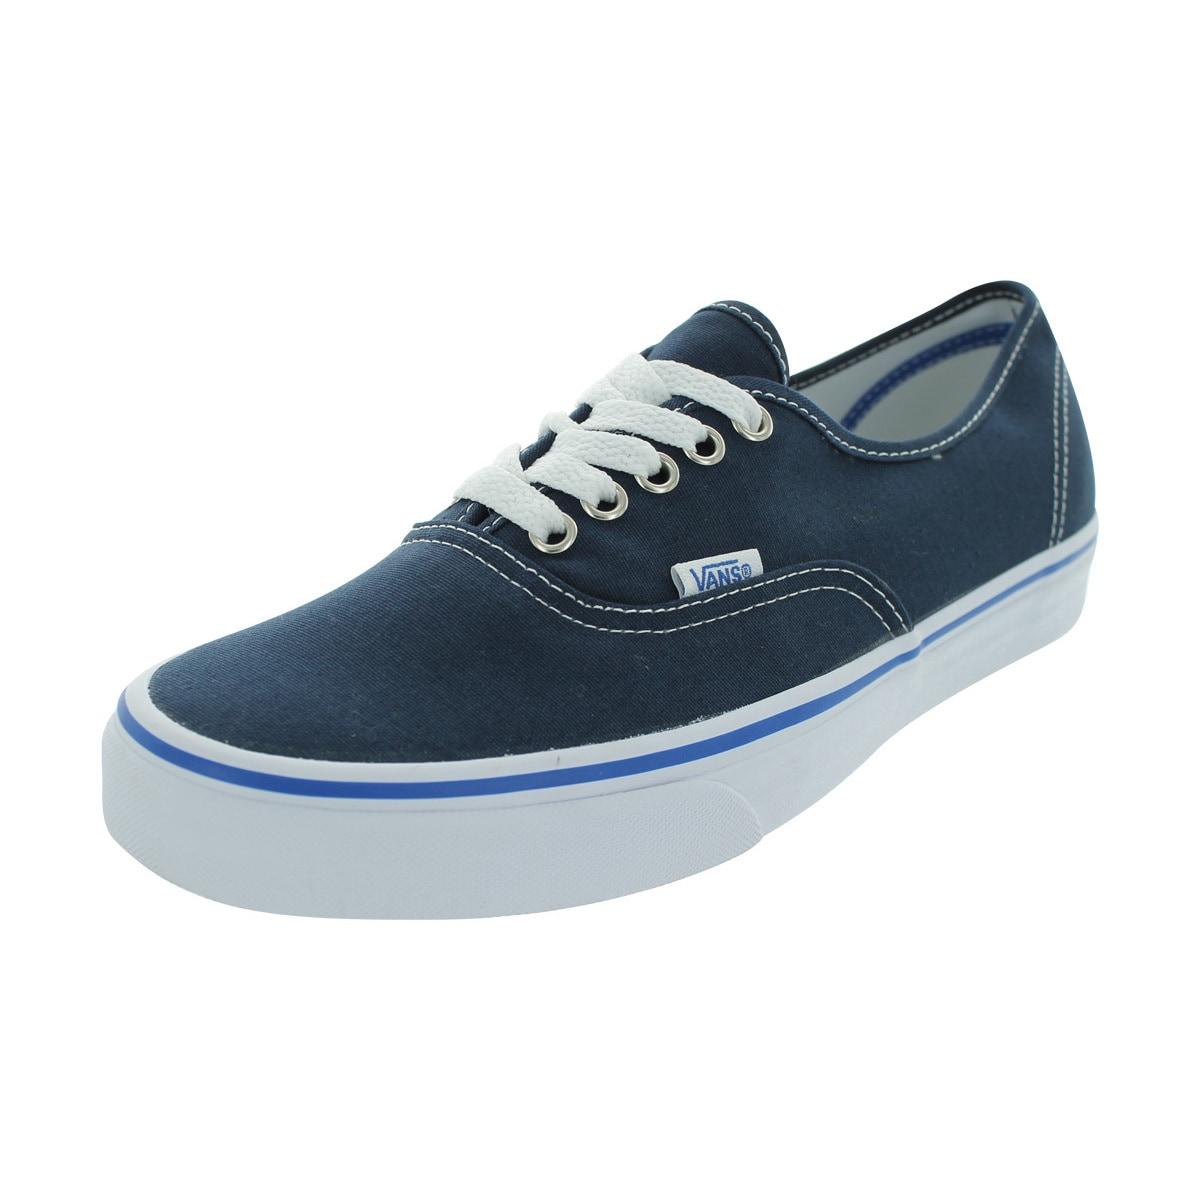 Vans Authentic Skate Shoes (Dress BluesNautical Blue)